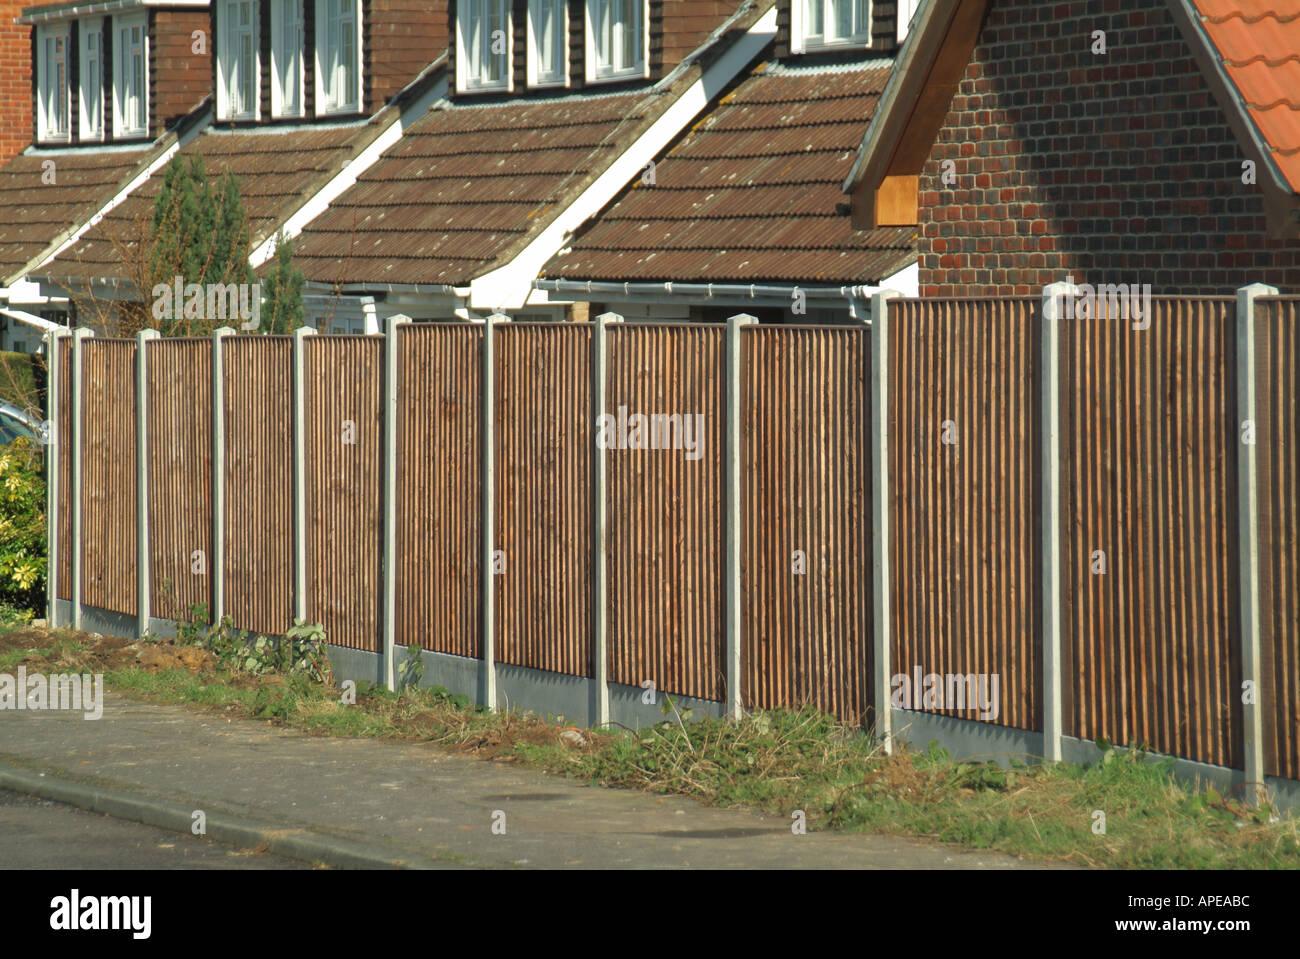 Concrete Fence Post Posts Stock Photos & Concrete Fence Post